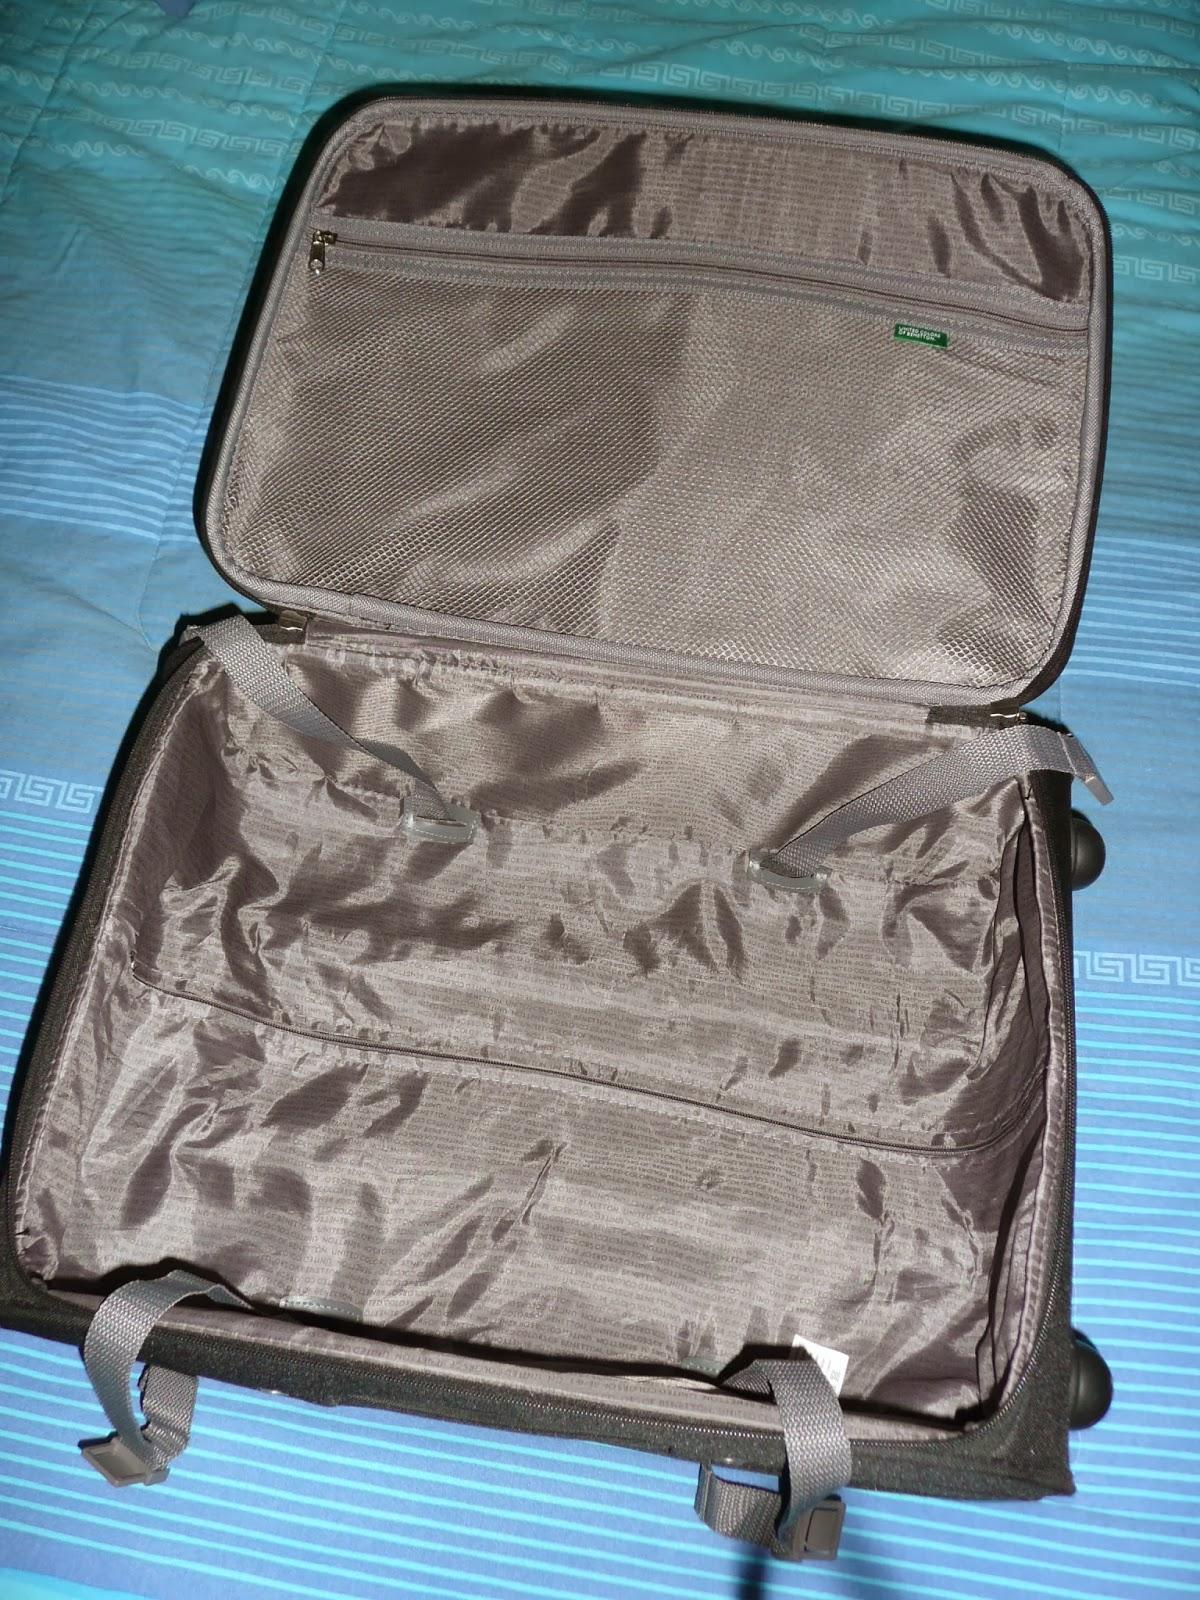 La maleta de glo tips para hacer la maleta en invierno ryanair - Medidas maleta de cabina ryanair ...